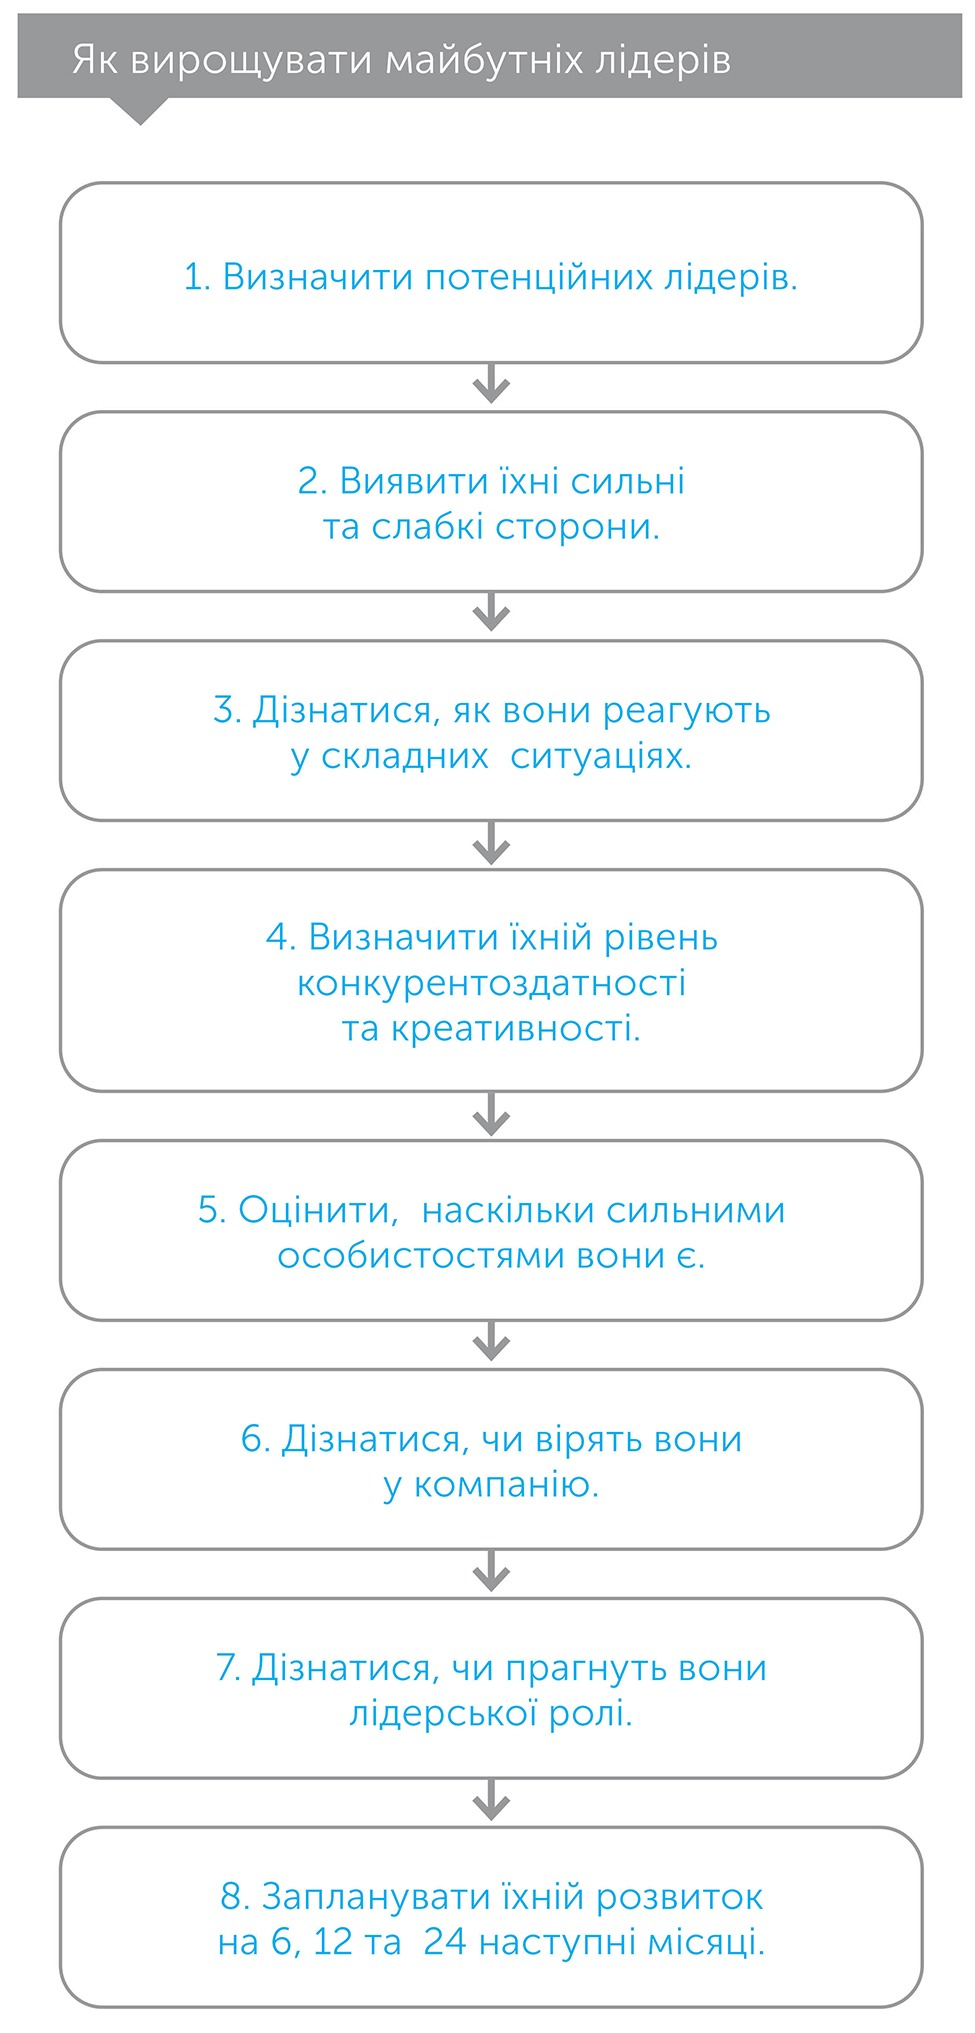 Наступні п'ять кроків, автор Патрик Бет-Девід | Kyivstar Business Hub, зображення №3